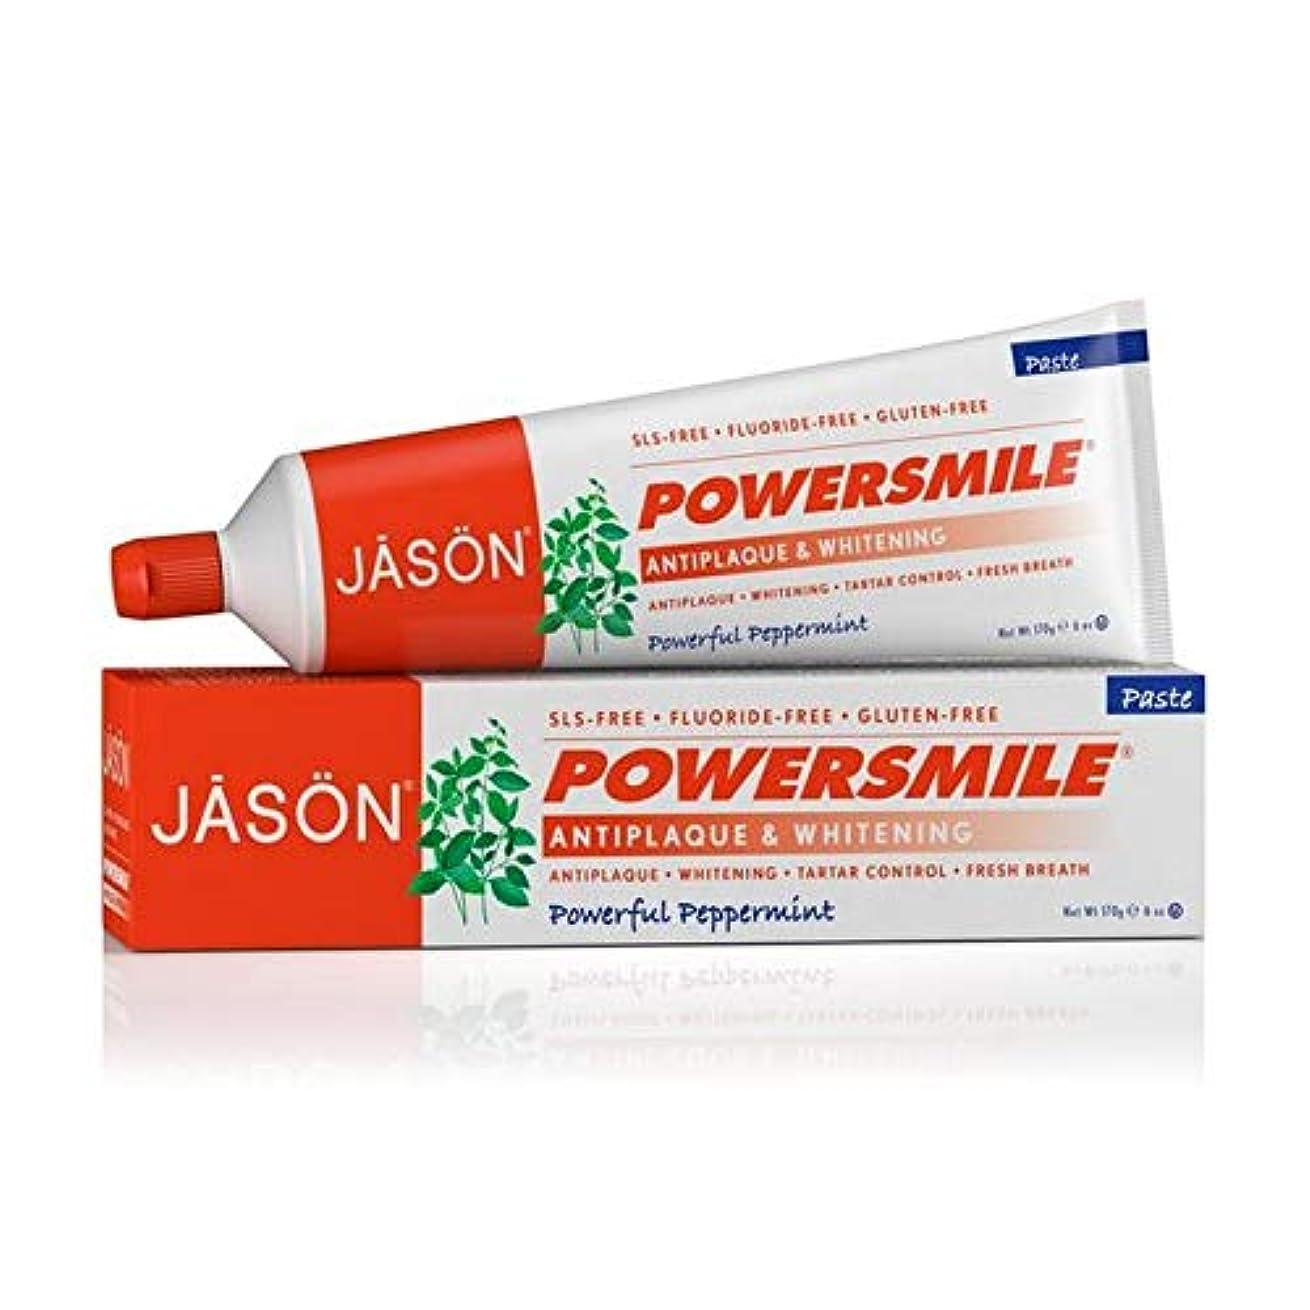 時々懺悔愛[Jason ] ジェイソンPowersmile歯磨き粉の170グラム - Jason Powersmile Toothpaste 170g [並行輸入品]